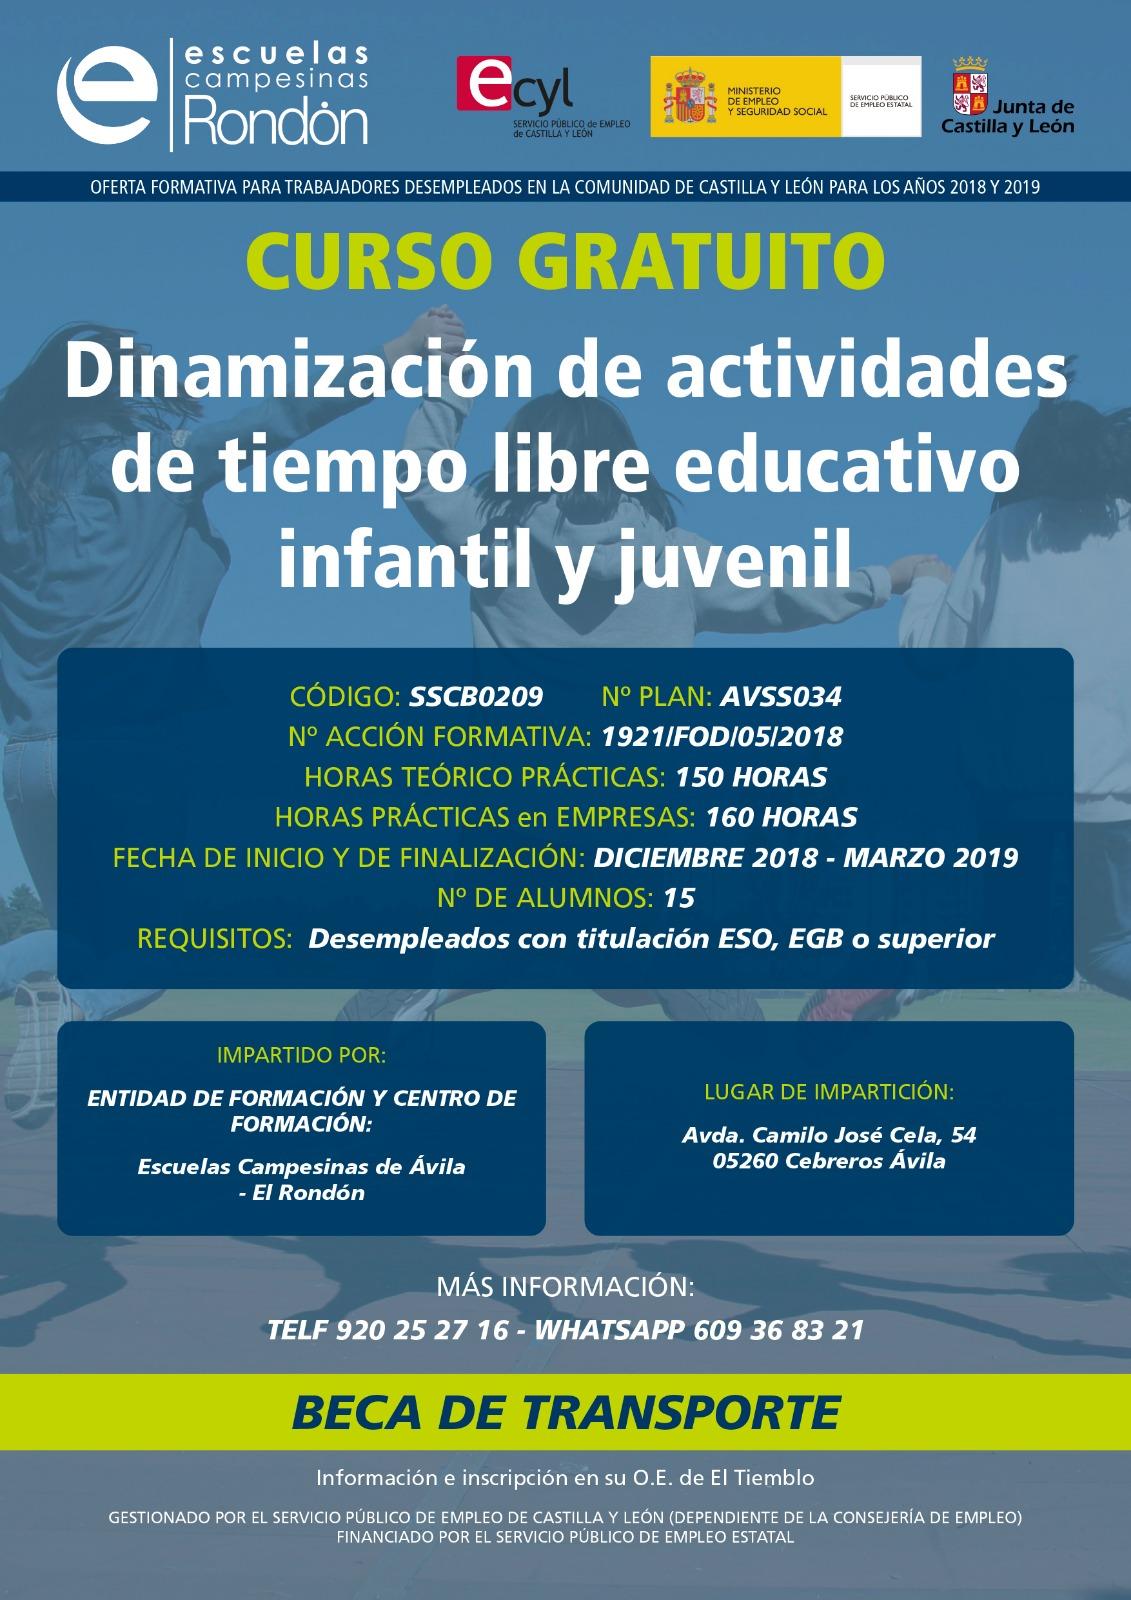 Curso Gratuito en Cebreros: Dinamización de actividades de tiempo libre educativo infantil y juvenil